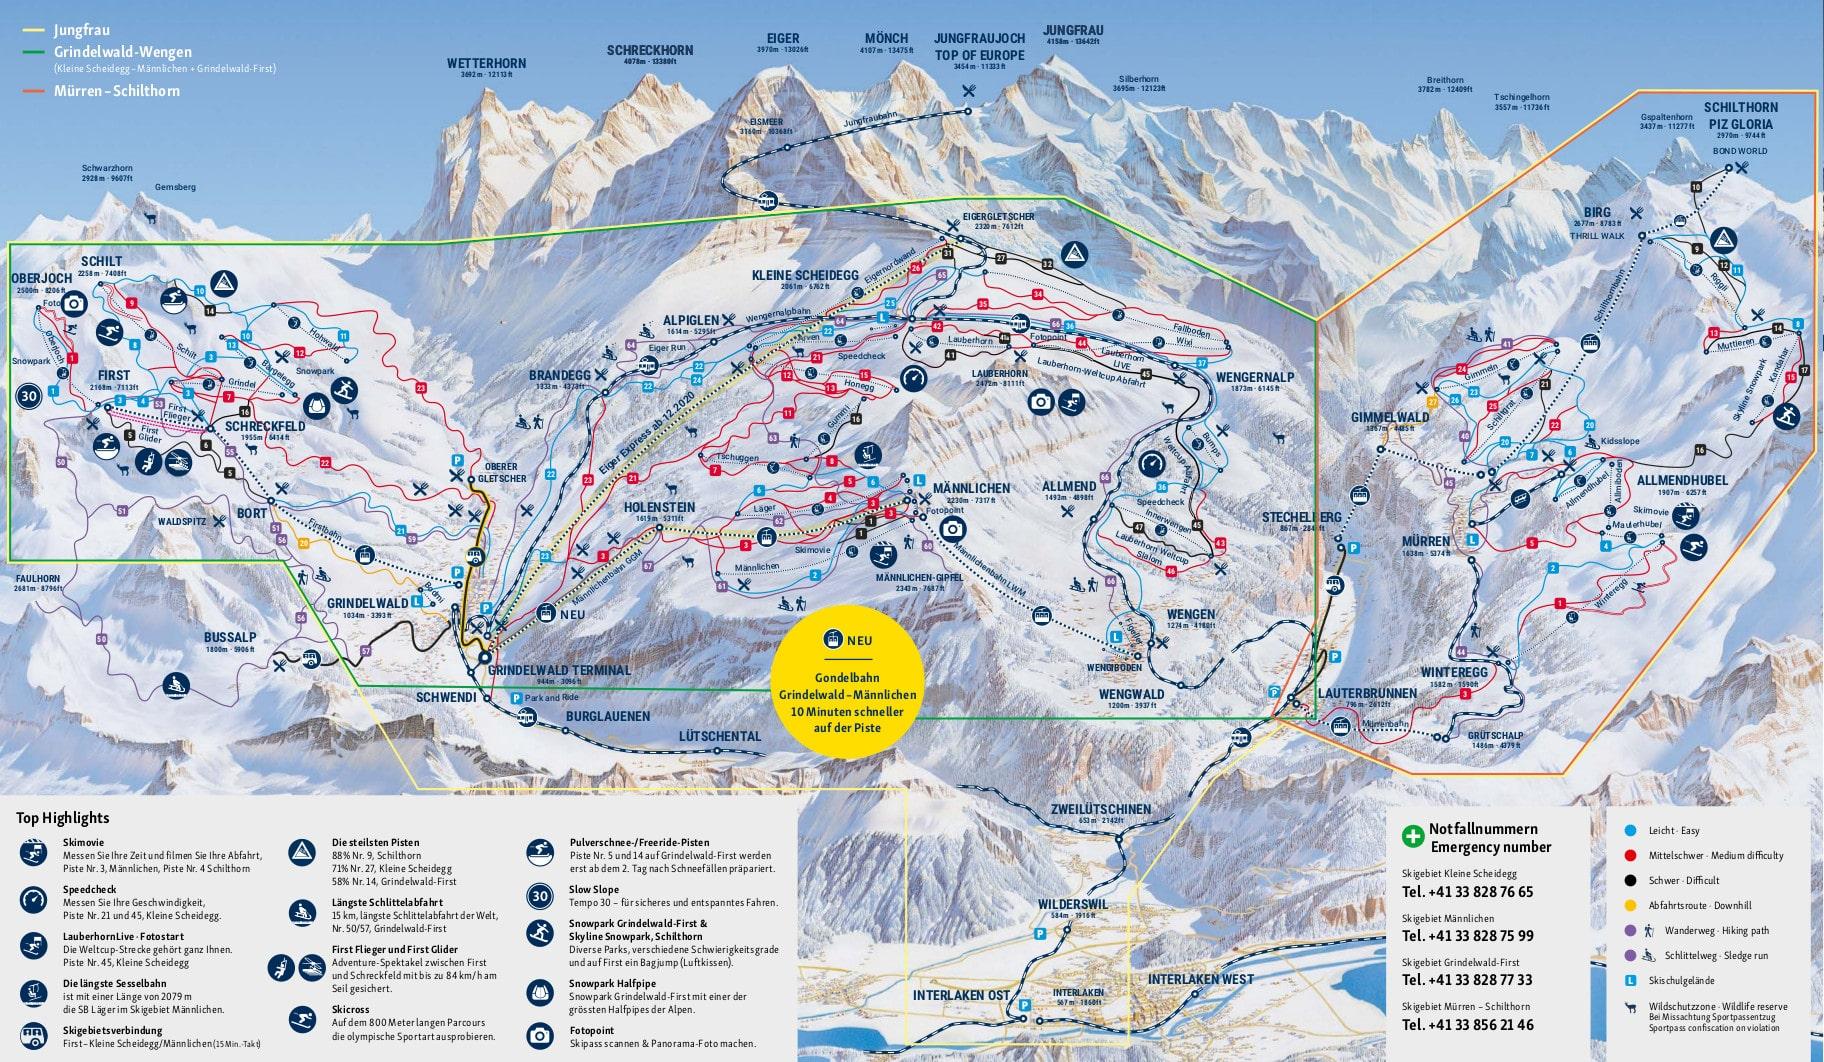 Lauterbrunnen Piste / Trail Map